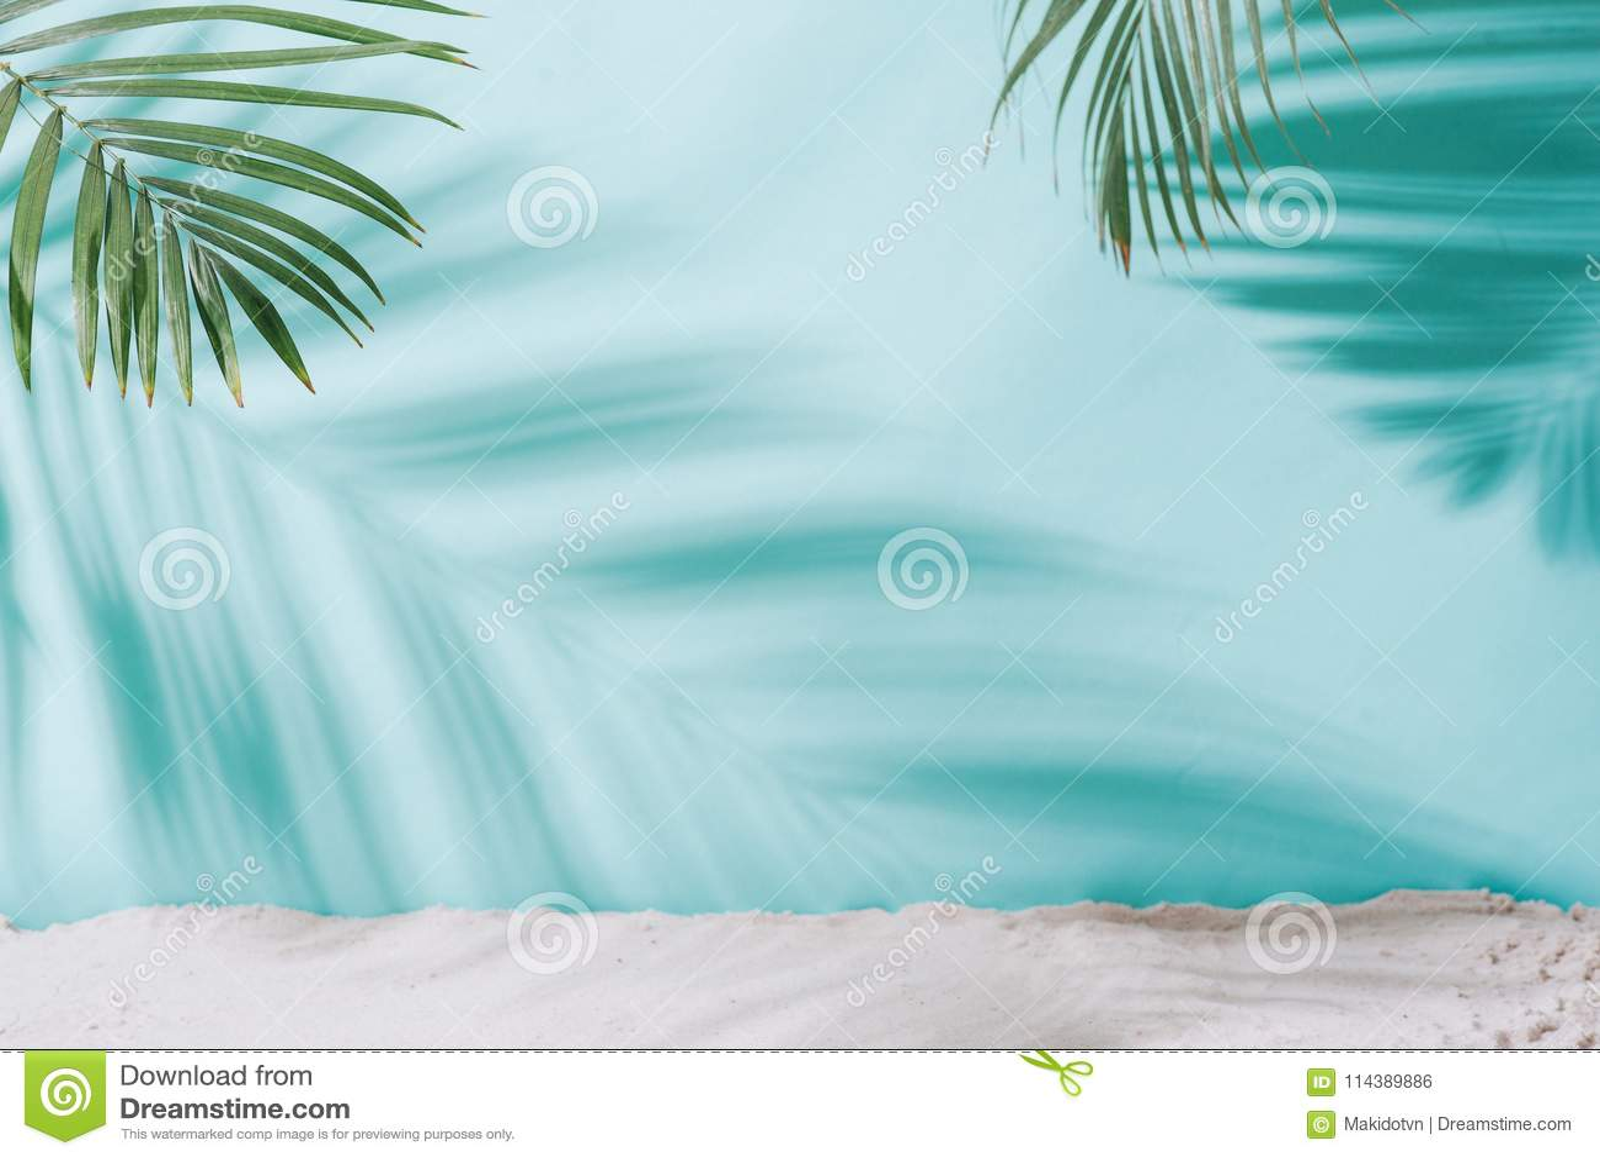 背景概念框架沙子贝壳夏天 在蓝色背景的棕榈树阴影